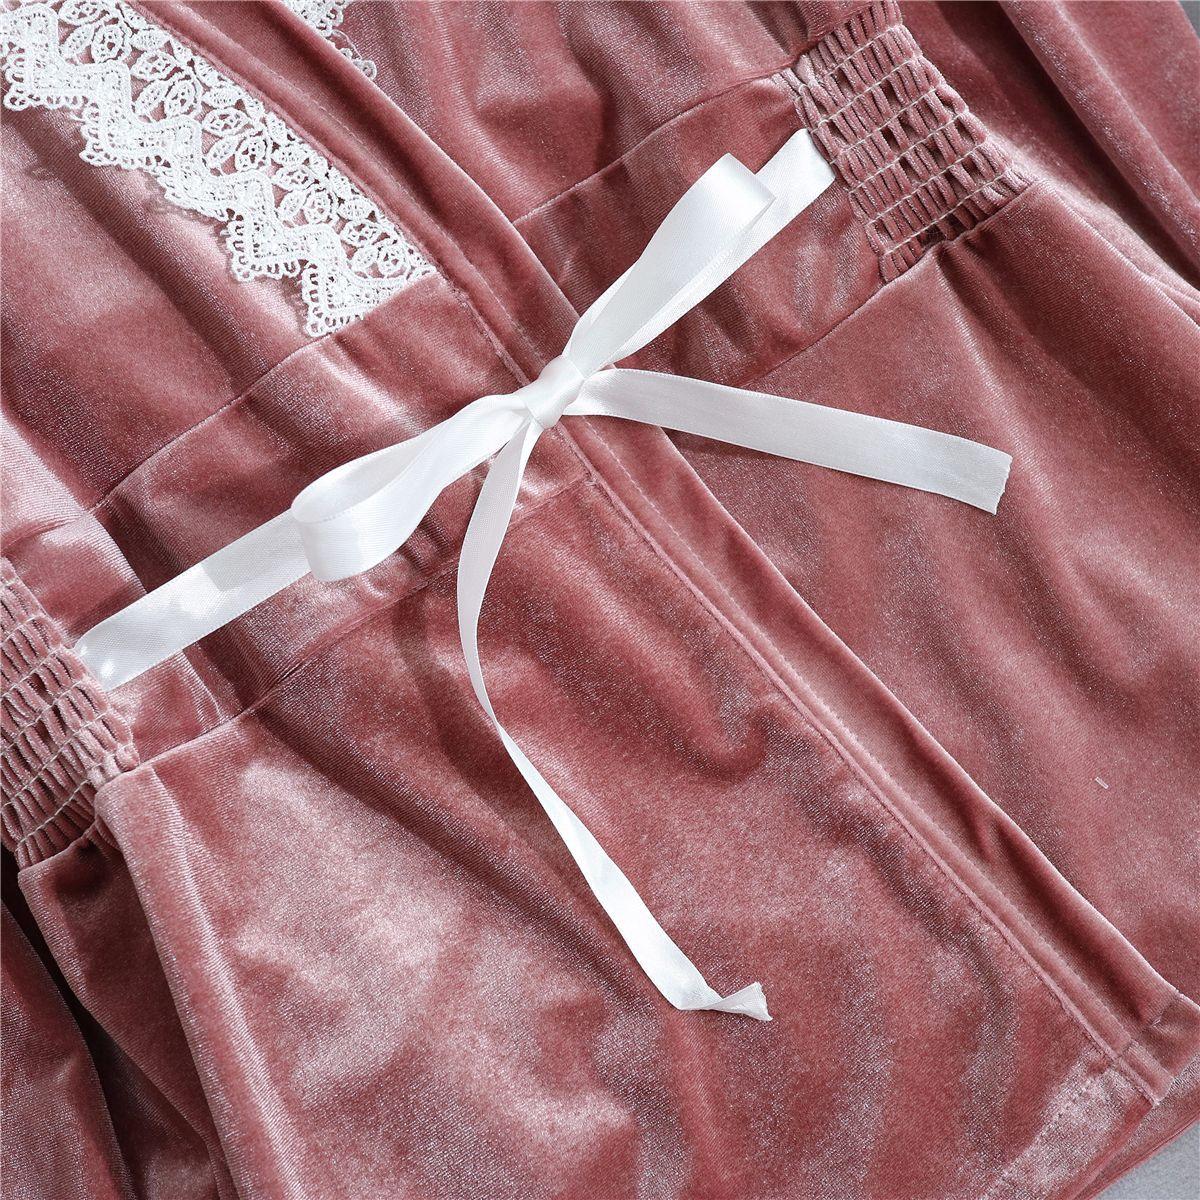 Image 5 - Велюровая Женская домашняя одежда пижамы 3 шт ремень топ брюки костюм пижамы комплекты ночных рубашек соблазнительное кимоно Ночной халат-in Комплекты халатов и сорочек from Нижнее белье и пижамы on AliExpress - 11.11_Double 11_Singles' Day